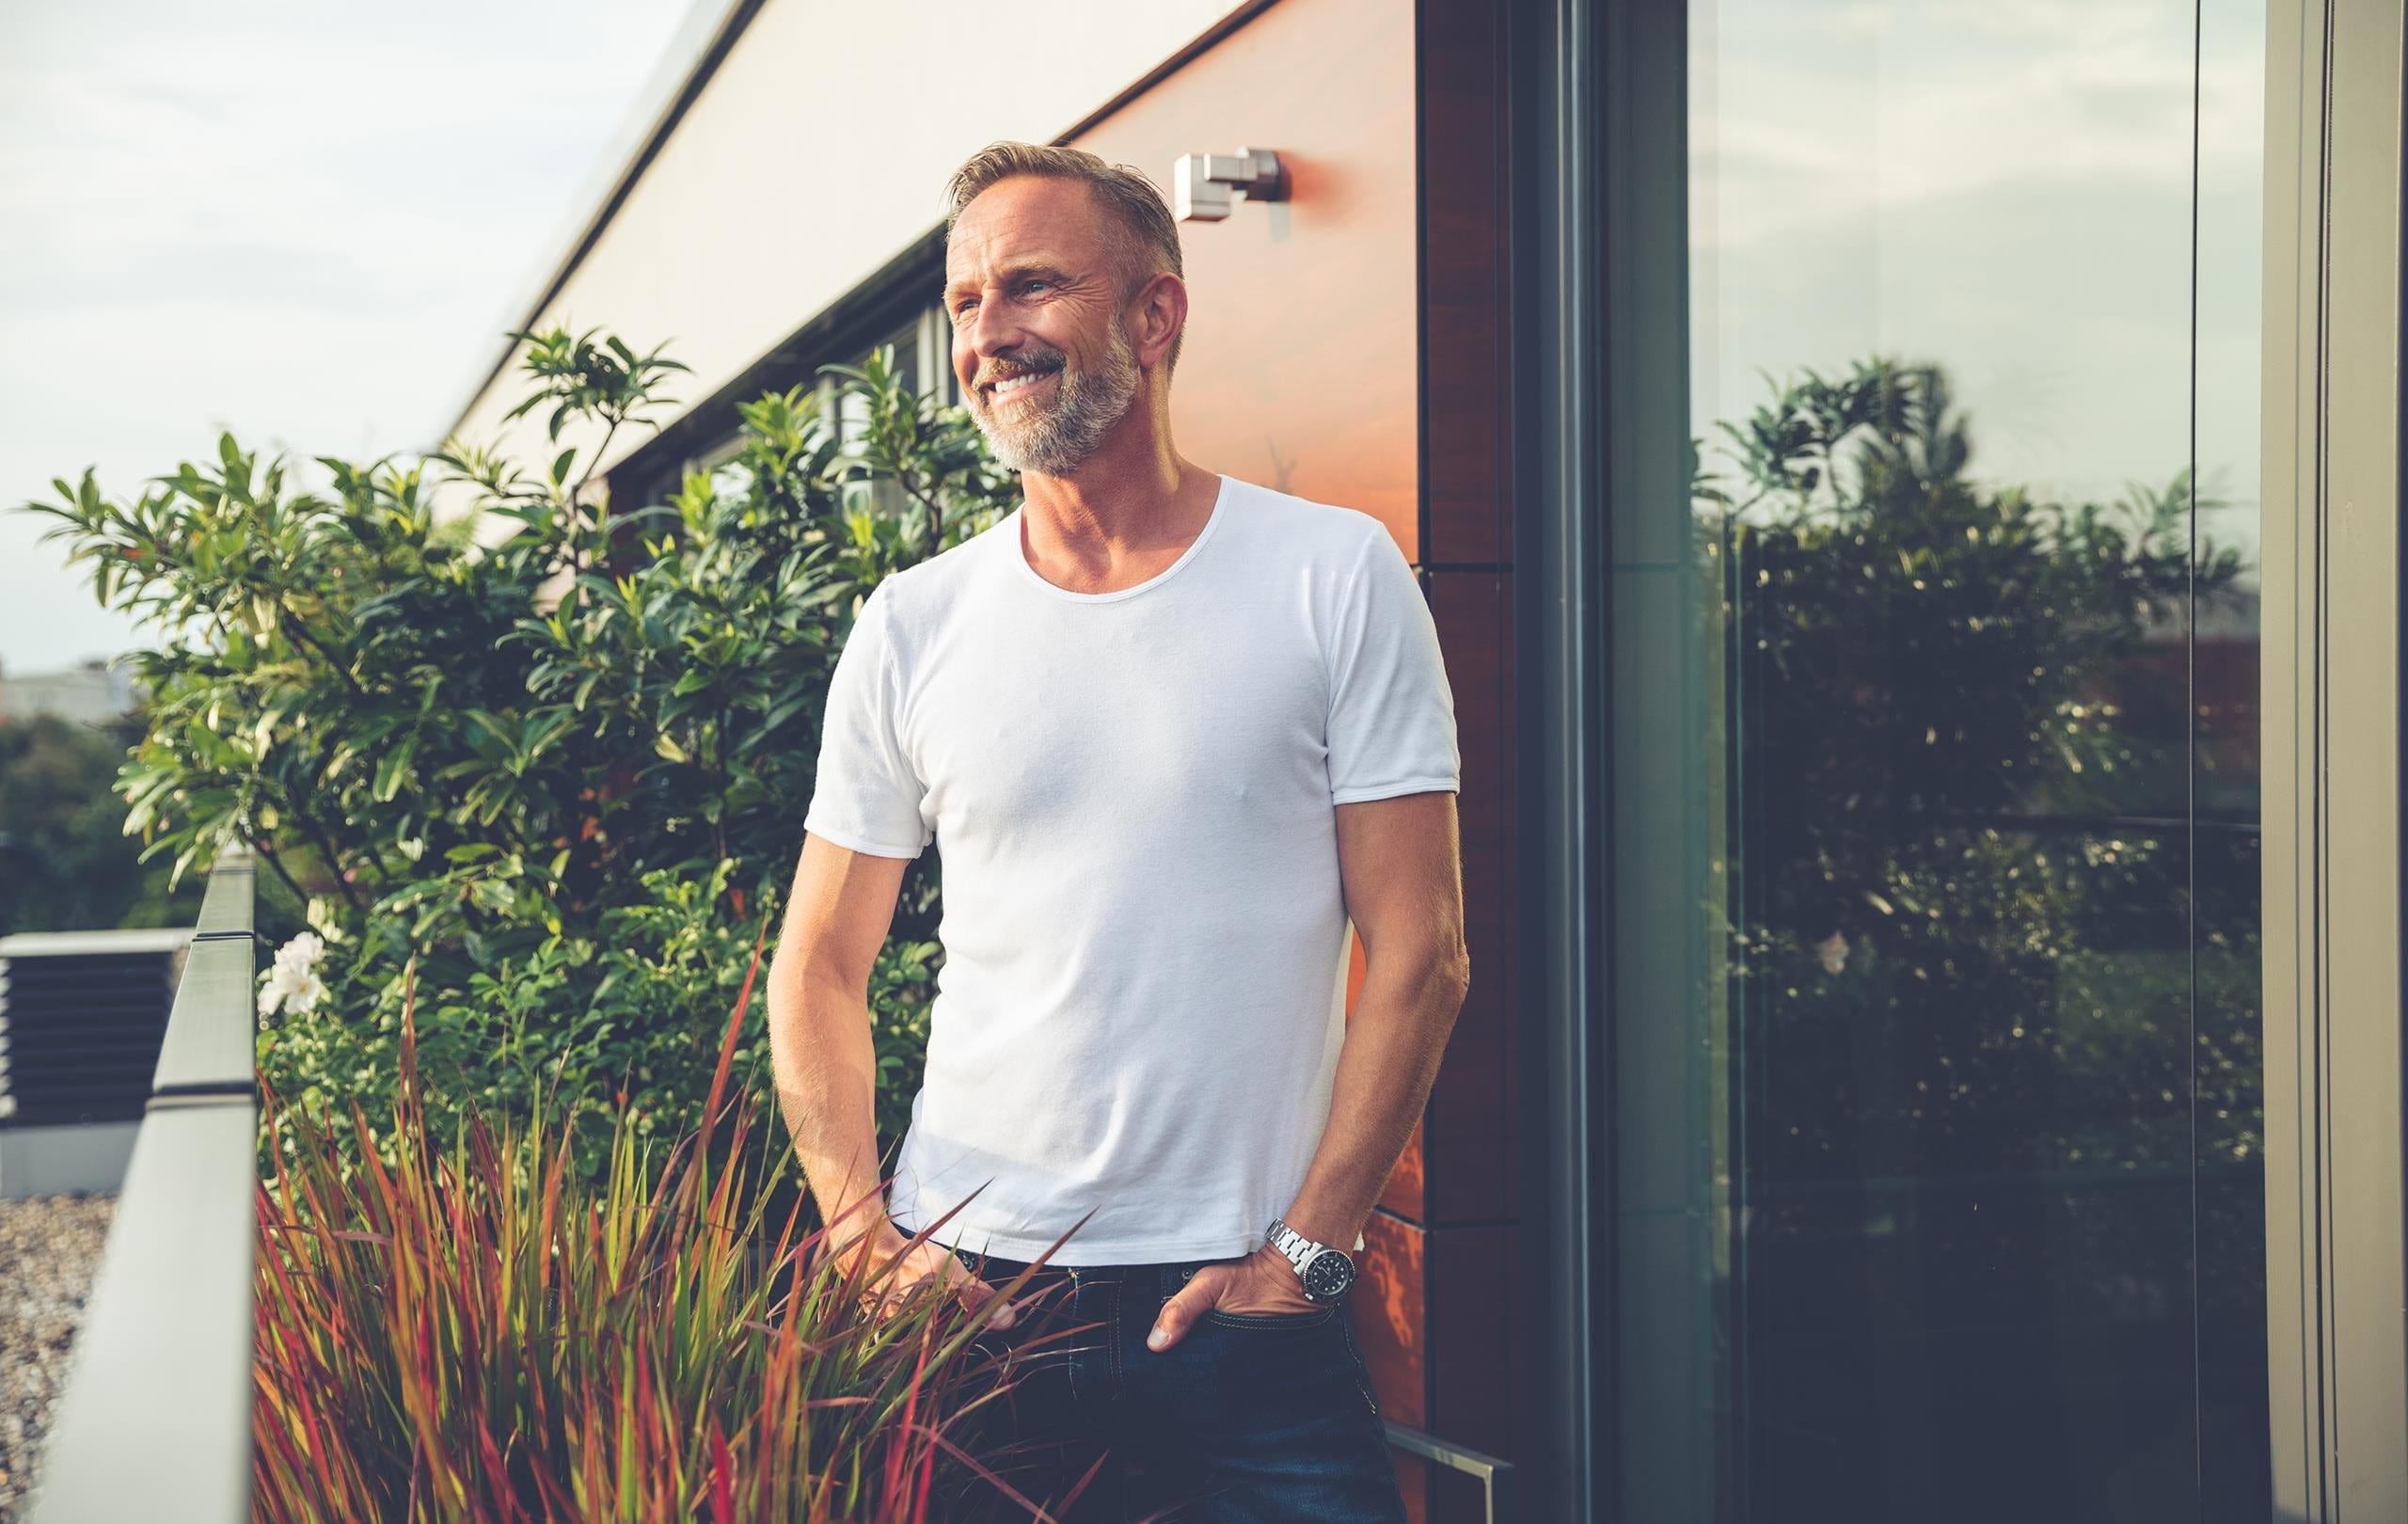 Mann in weissem T-shirt steht lächelnd auf dem Balkon